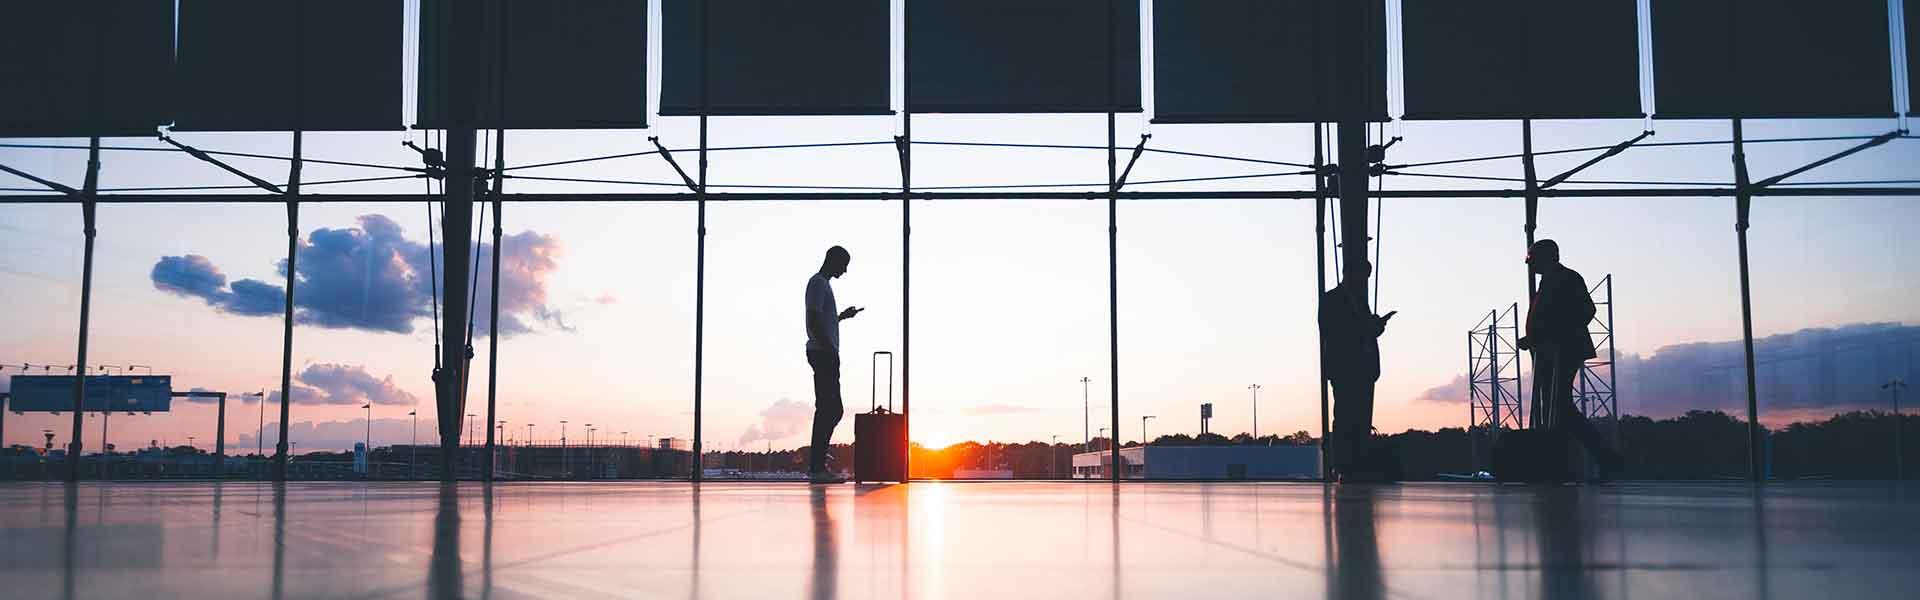 Vue d'un coucher de soleil dans un aéroport